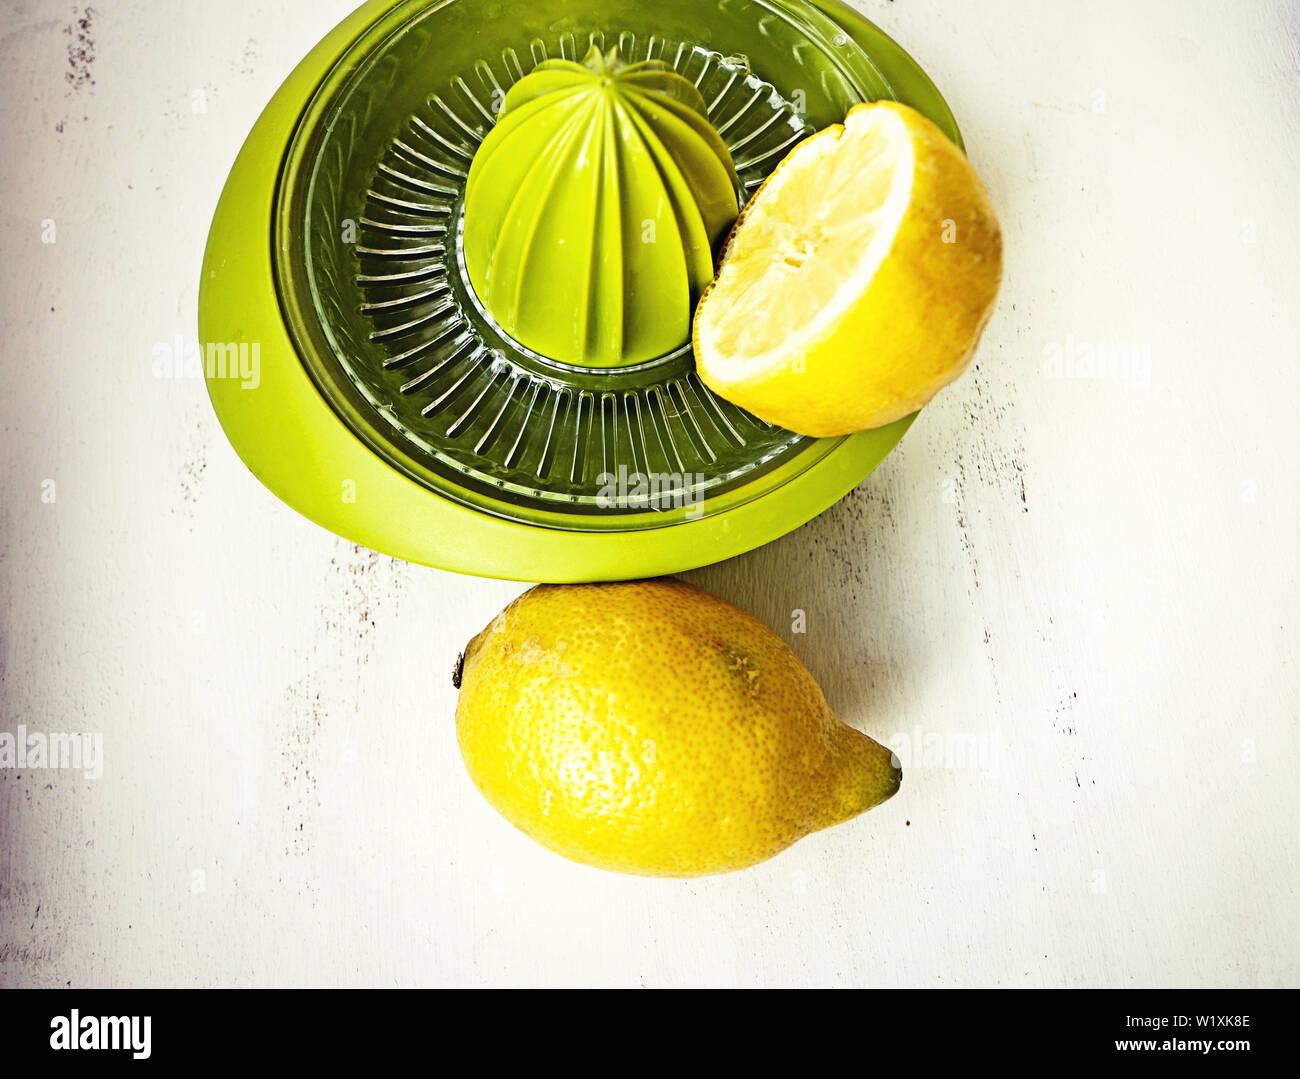 Presse-citron, manuel facile à recueillir les toool cuisine jus des fruits Banque D'Images